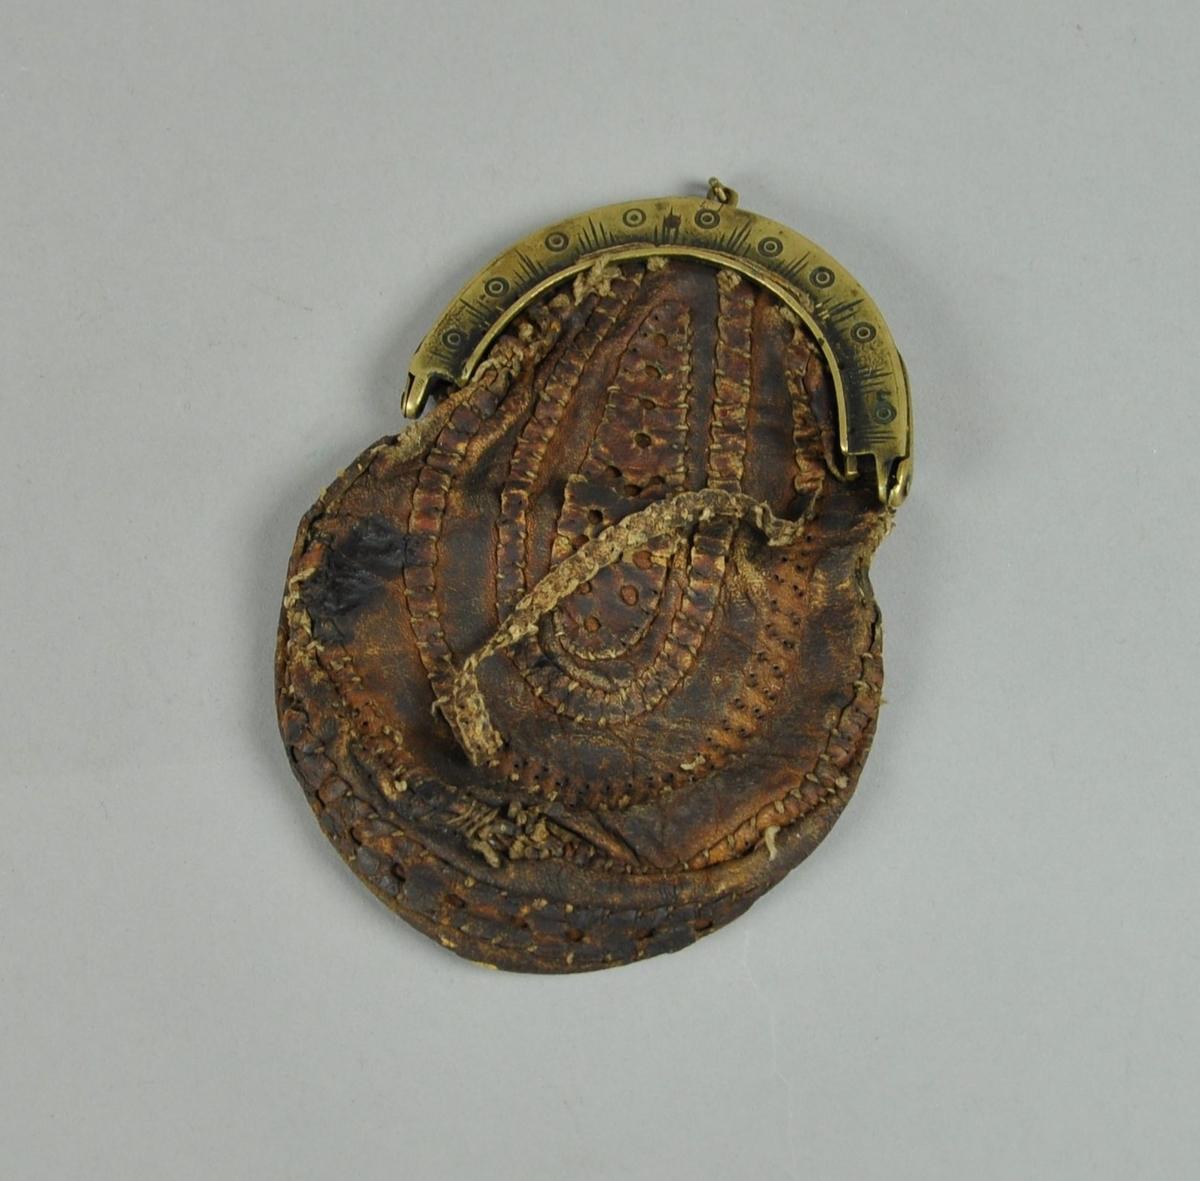 Pung av flettet skinn, med spenne av messing. På spennen er det inngravert dekor av sirkler og streker på tvers.